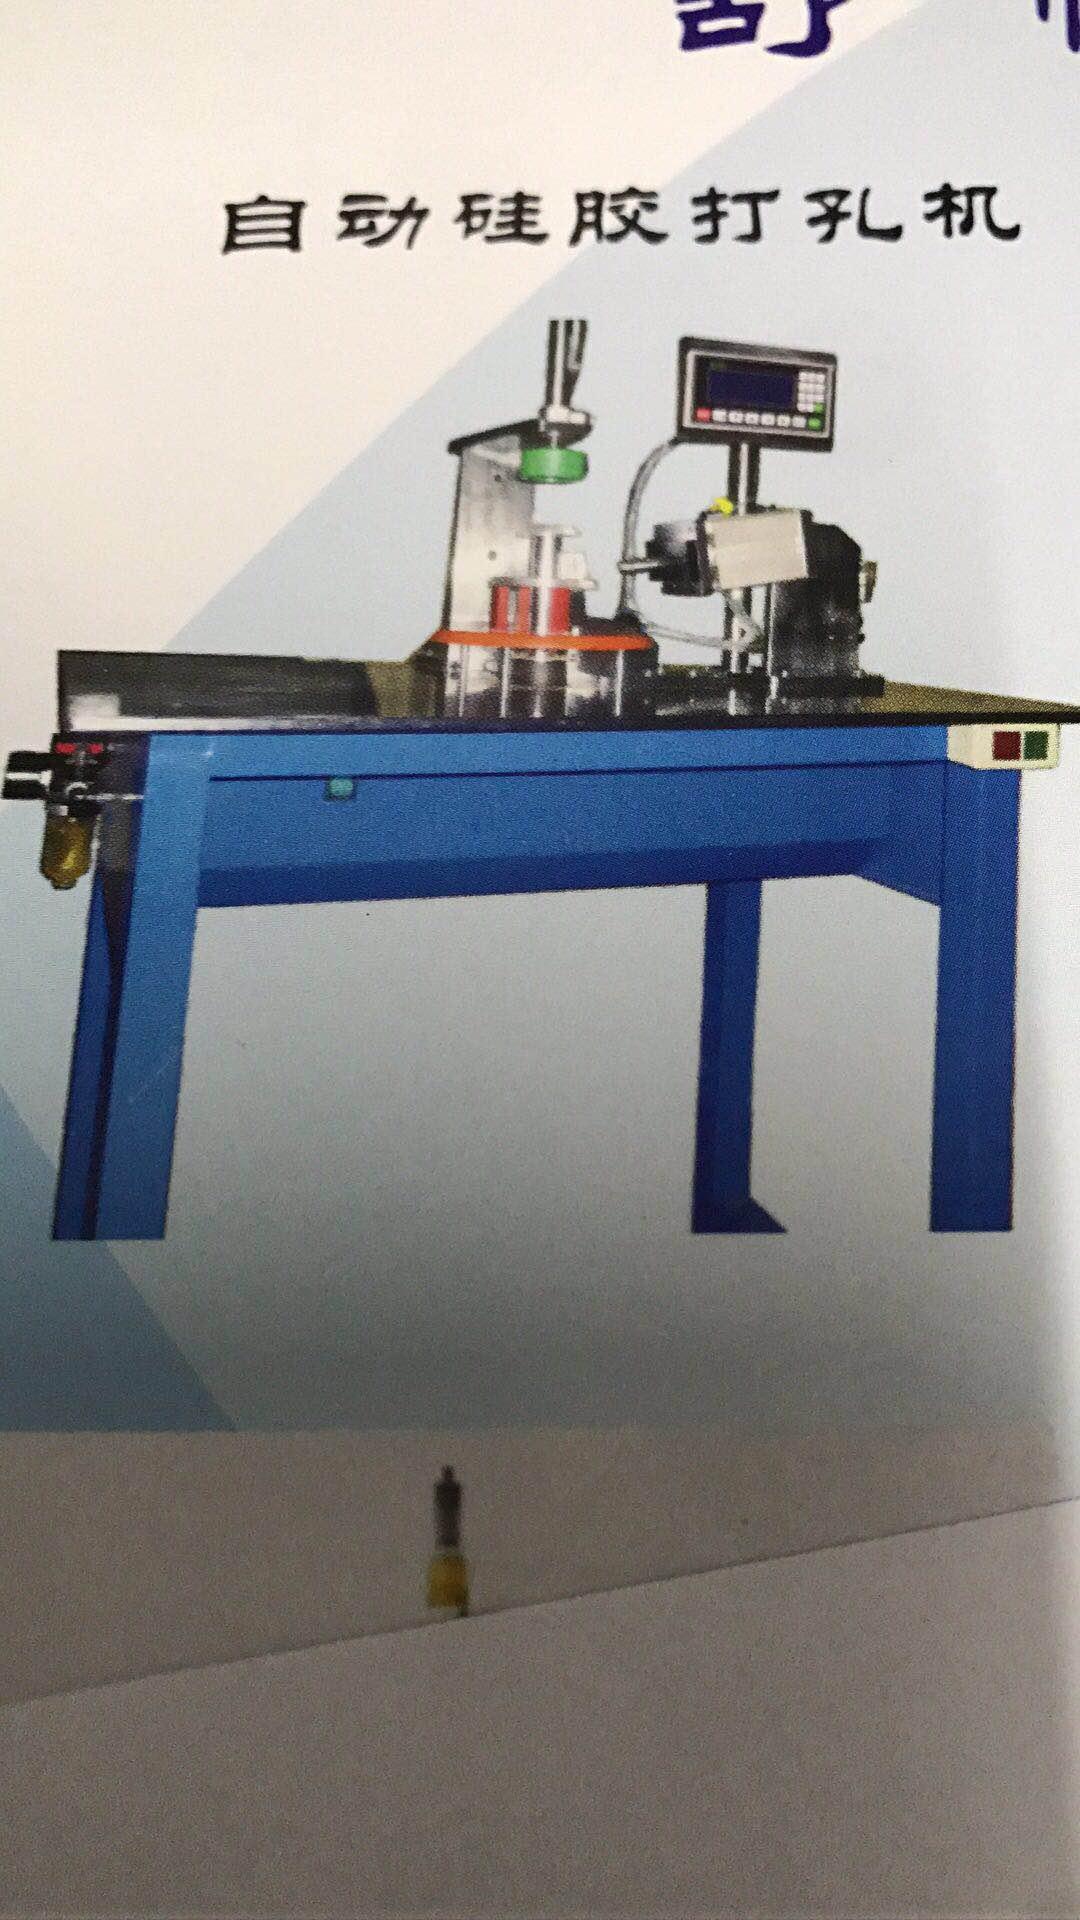 宁波自动硅胶打孔机